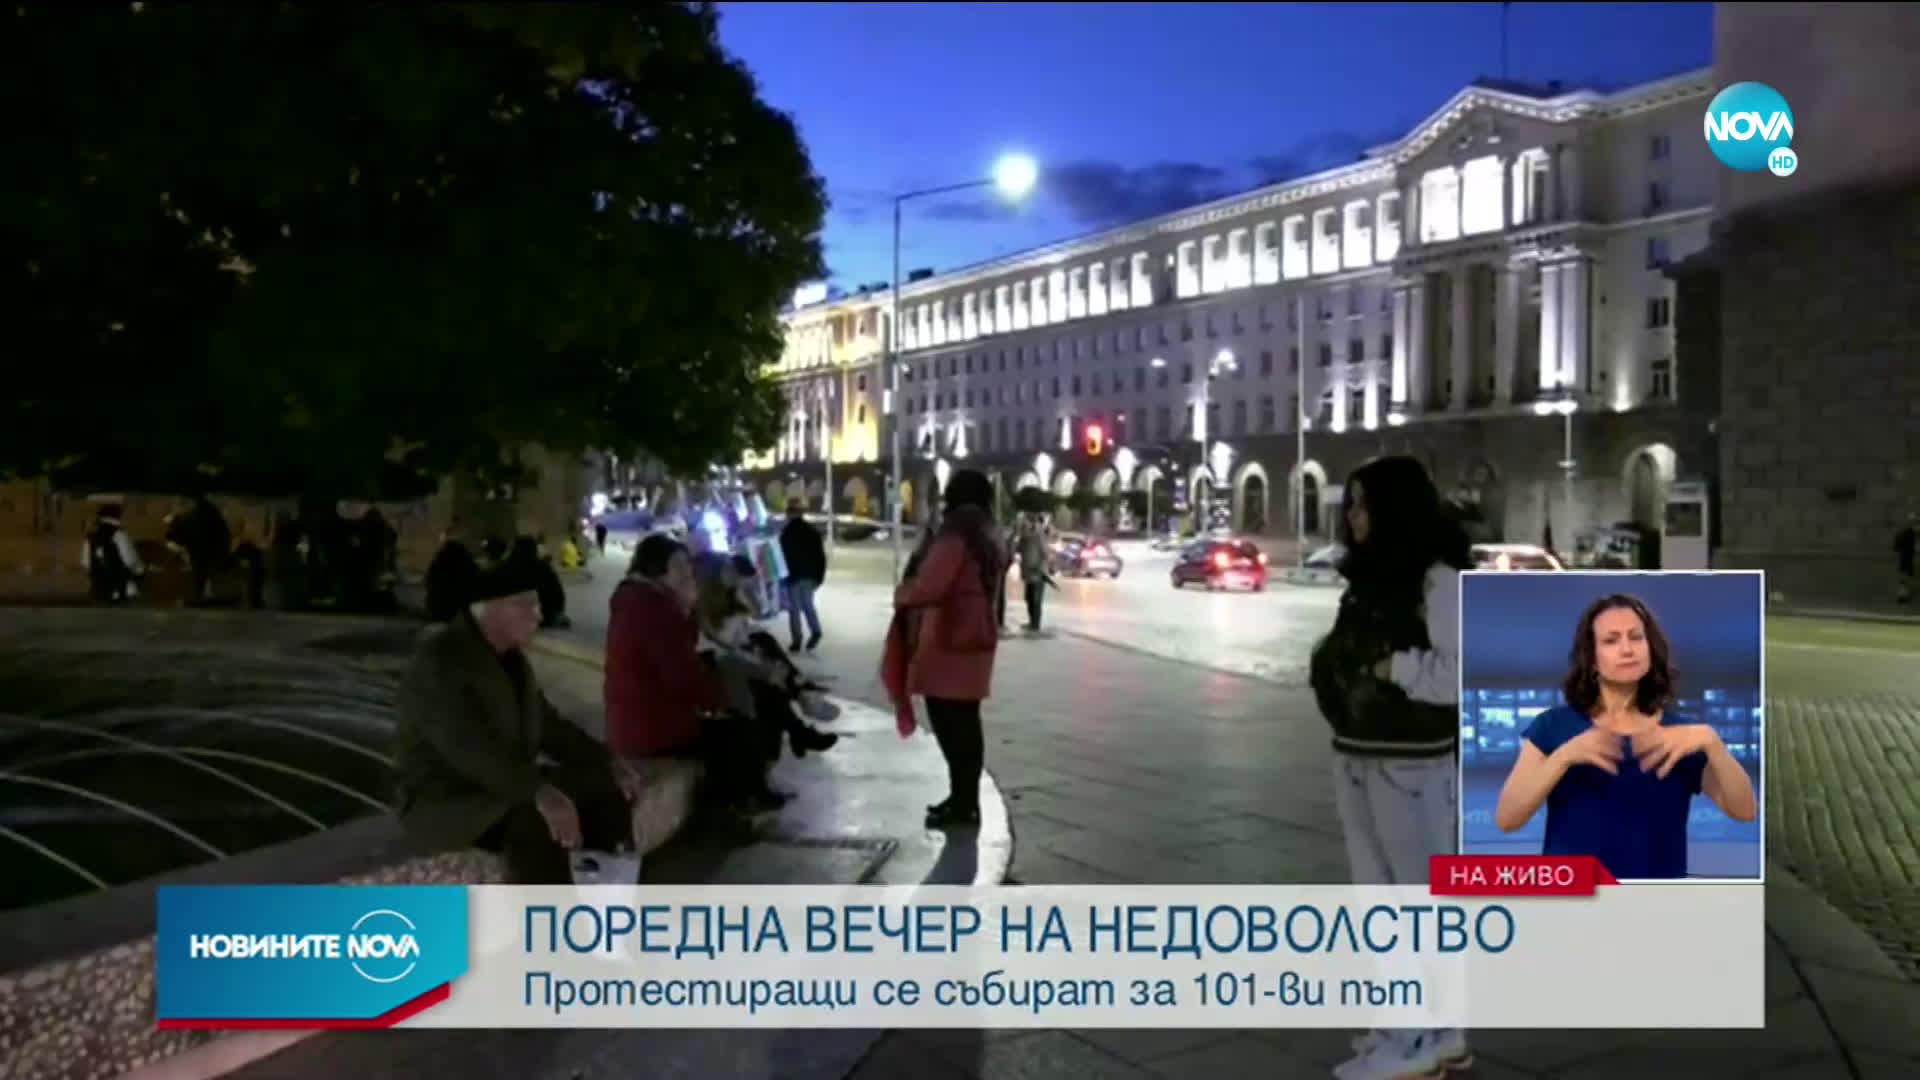 101-ва вечер на протести в София